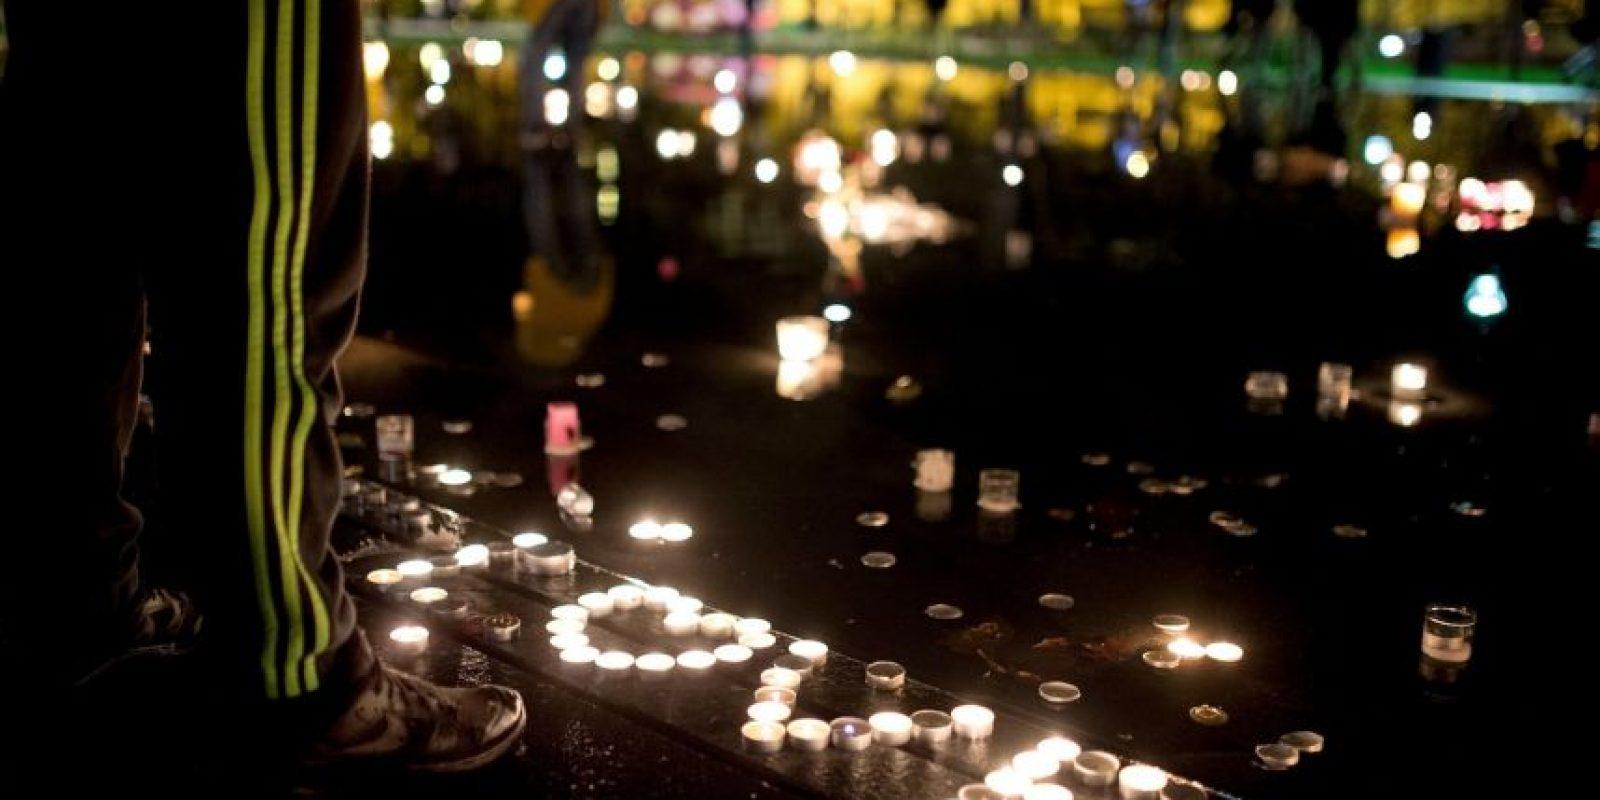 Establecimientos y lugares turísticos permanecieron cerrados hasta el domingo como parte del luto nacional. Foto:AFP